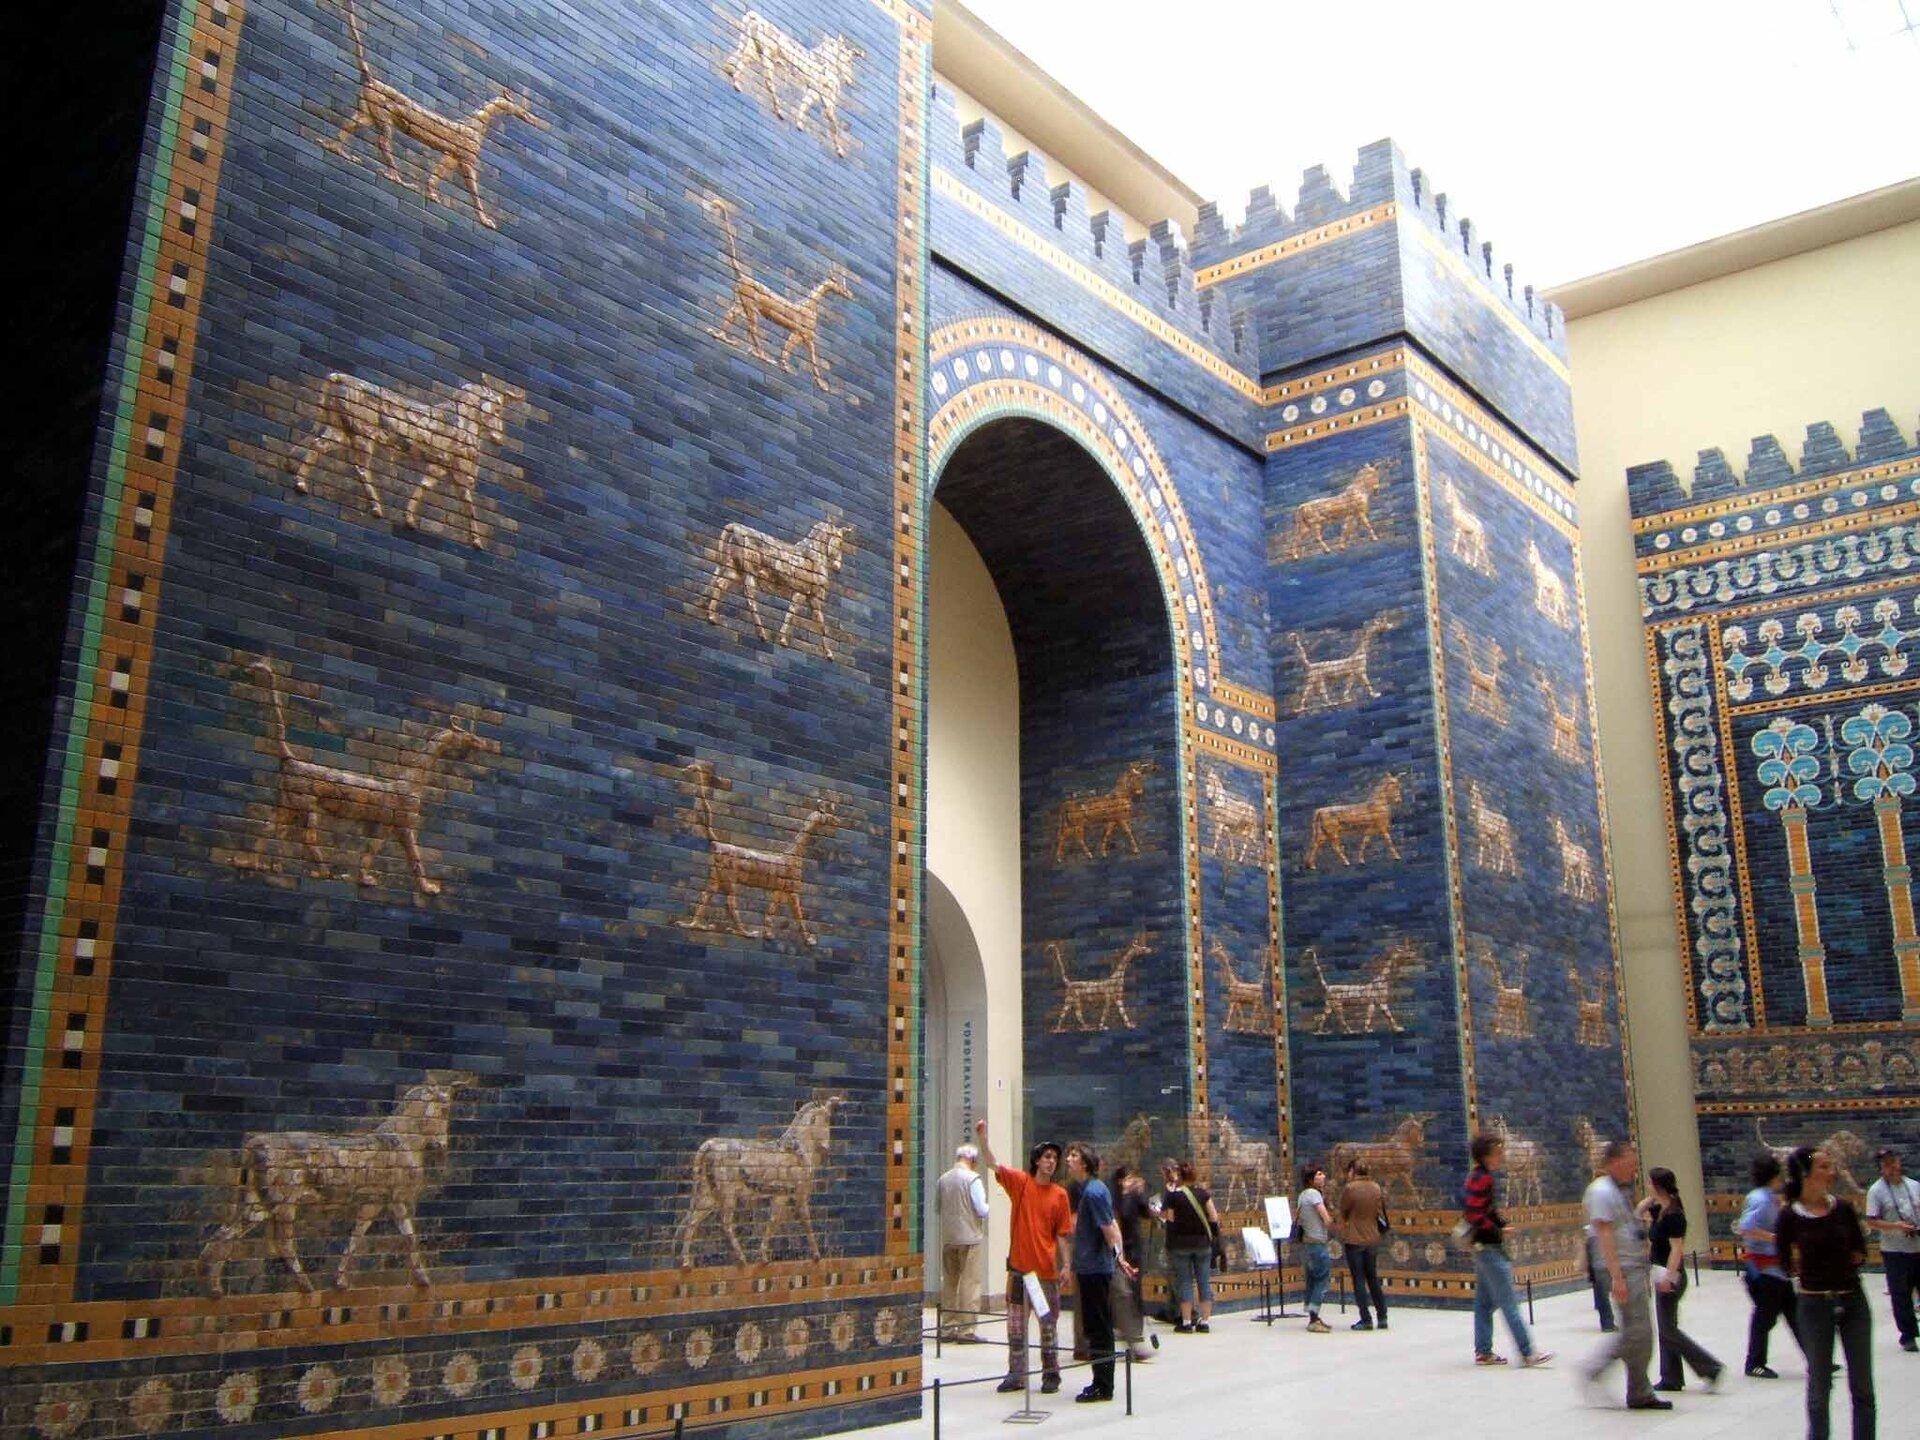 Brama Isztar – rekonstrukcja wMuzeum Pergamońskim wBerlinie Brama Isztar – rekonstrukcja wMuzeum Pergamońskim wBerlinie Źródło: David Allen, Rictor Norton, Wikimedia Commons, licencja: CC BY 2.0.